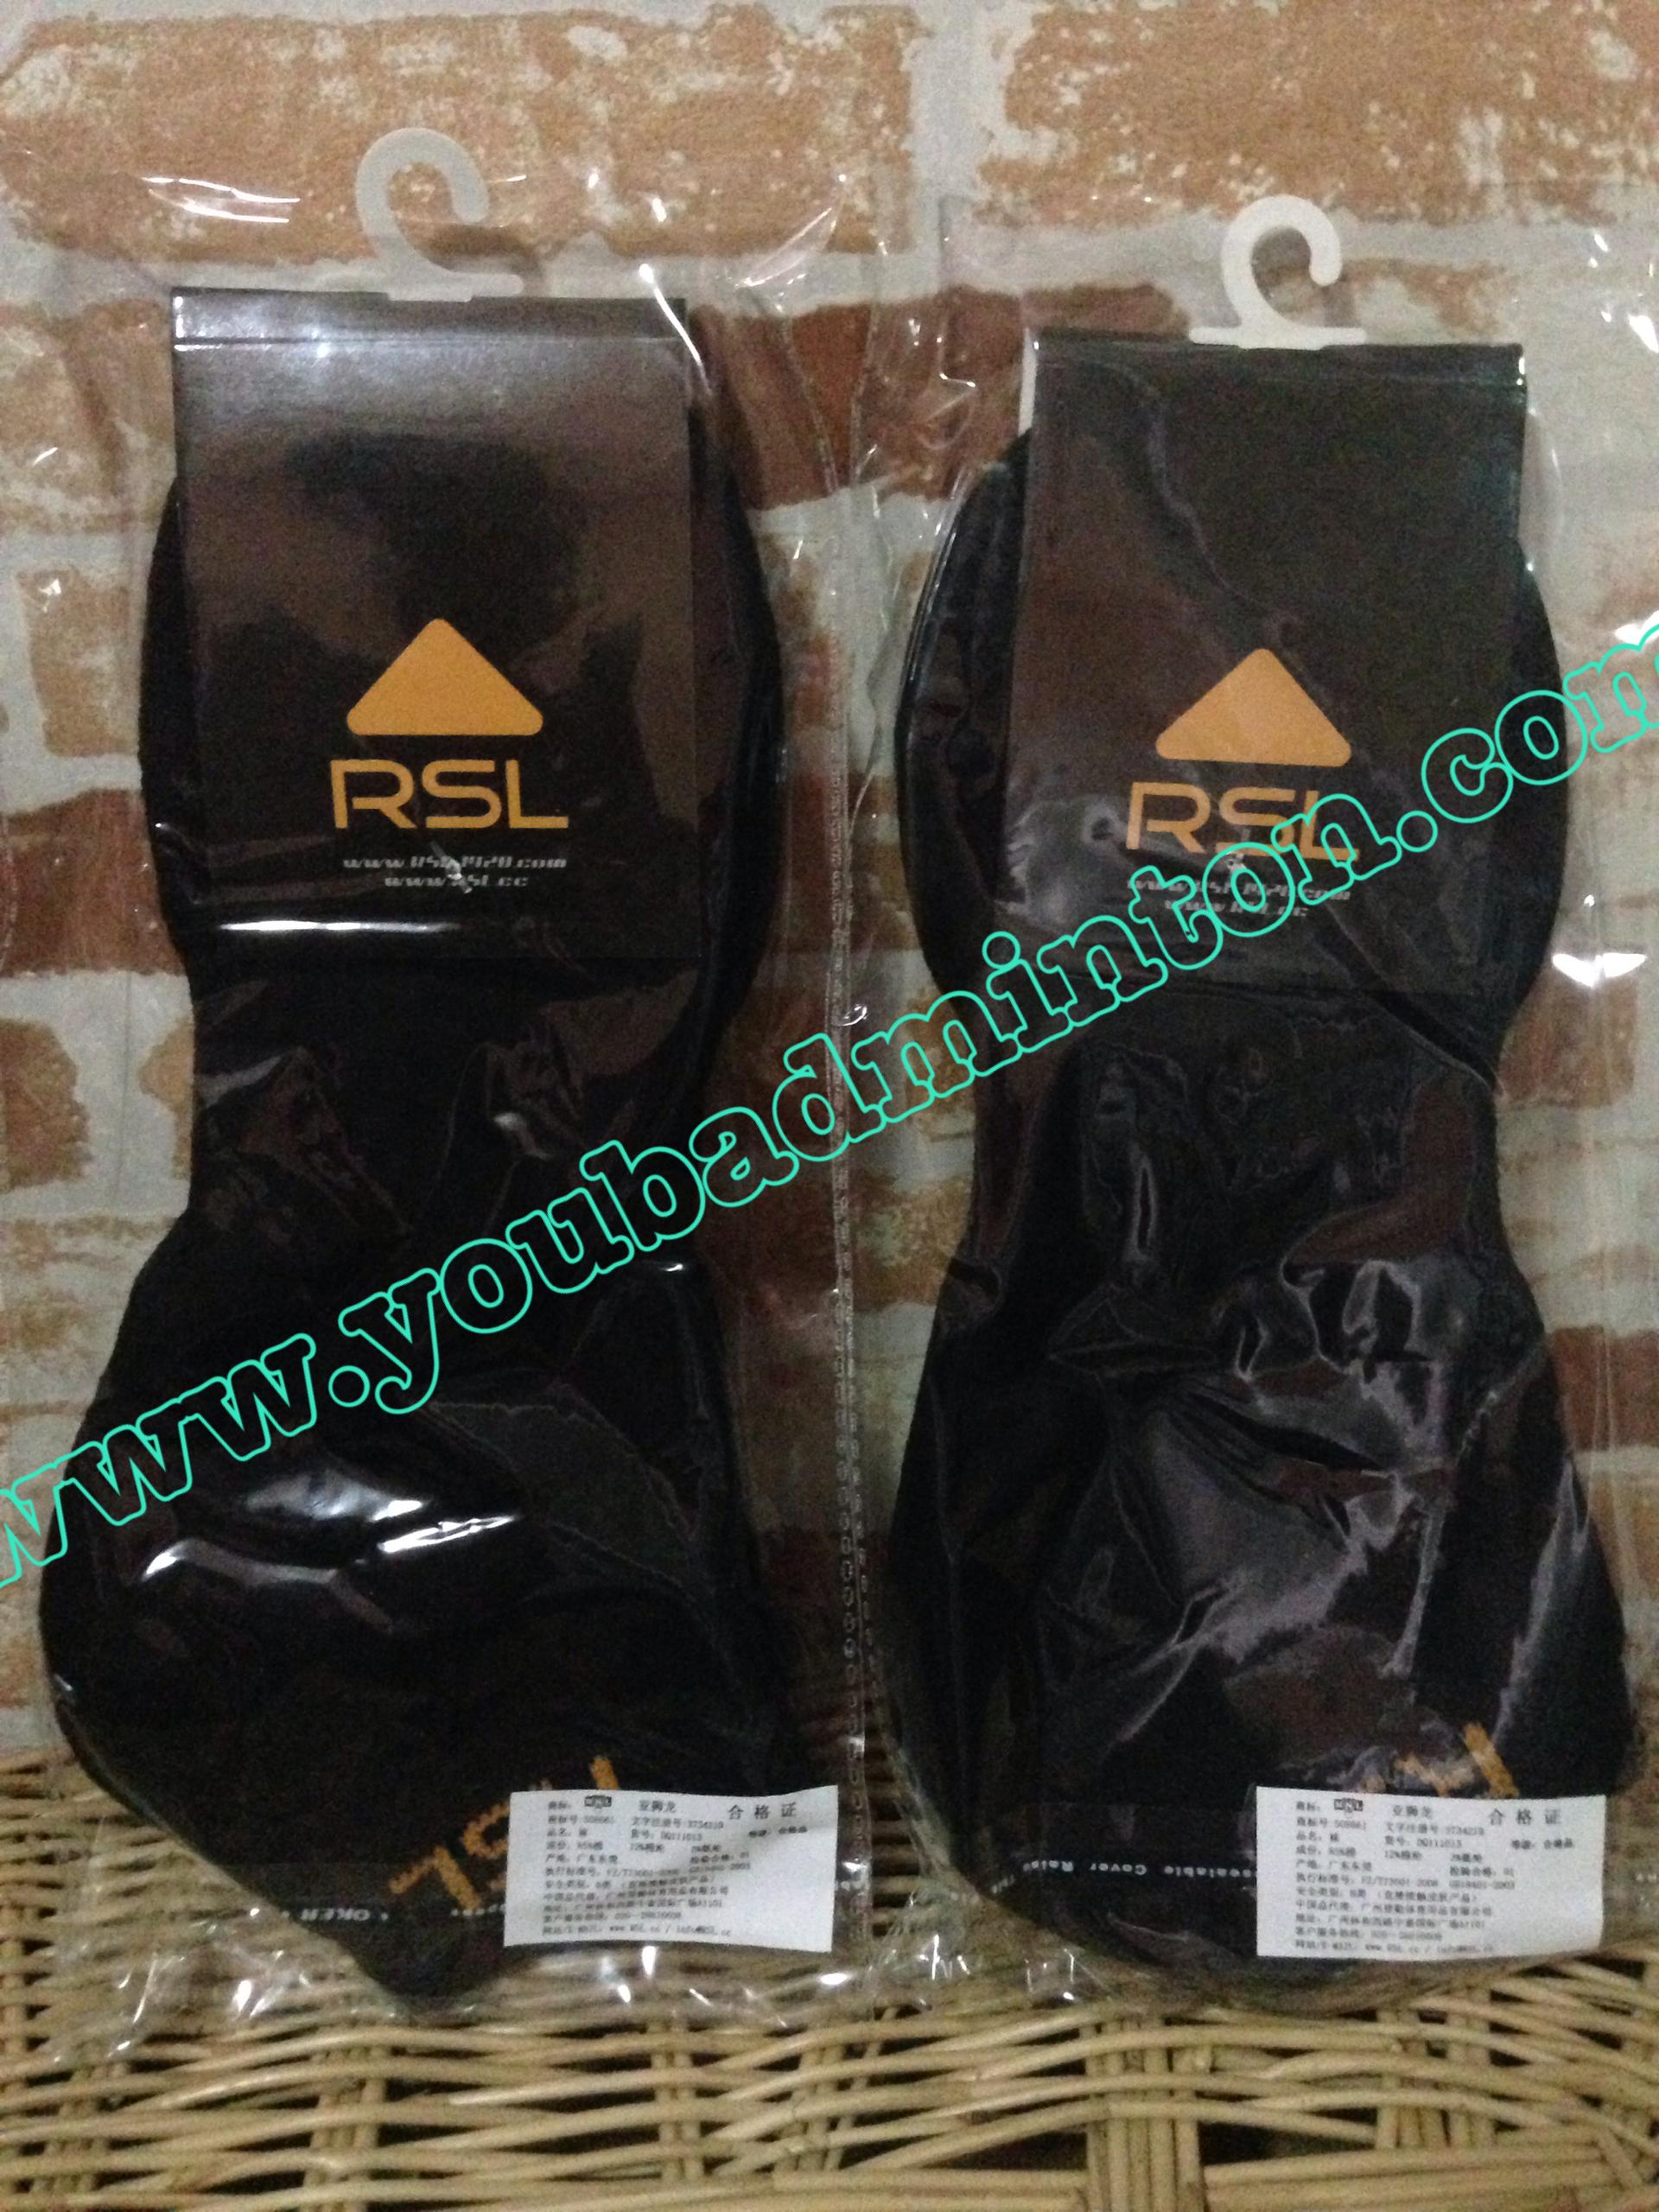 ถุงเท้า RSL สีดำ เนื้อหนาอย่างดีนุ่มใส่กระชับสบายเท้ามากๆๆ